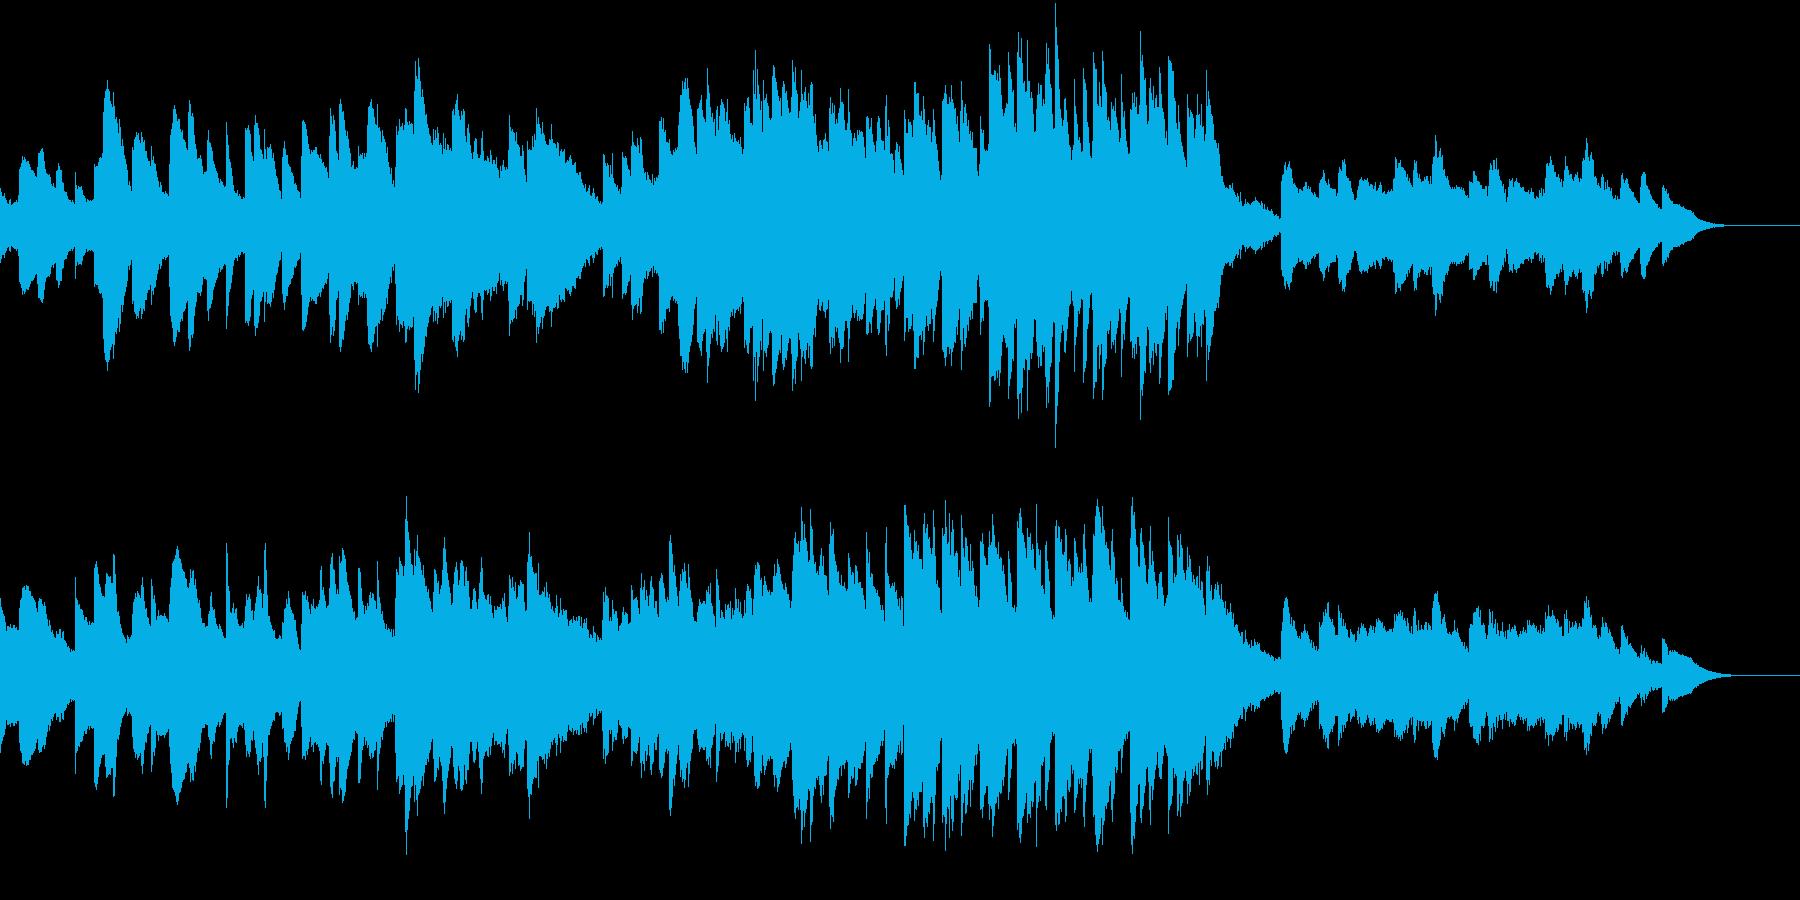 ホラーな雰囲気の静かな曲の再生済みの波形